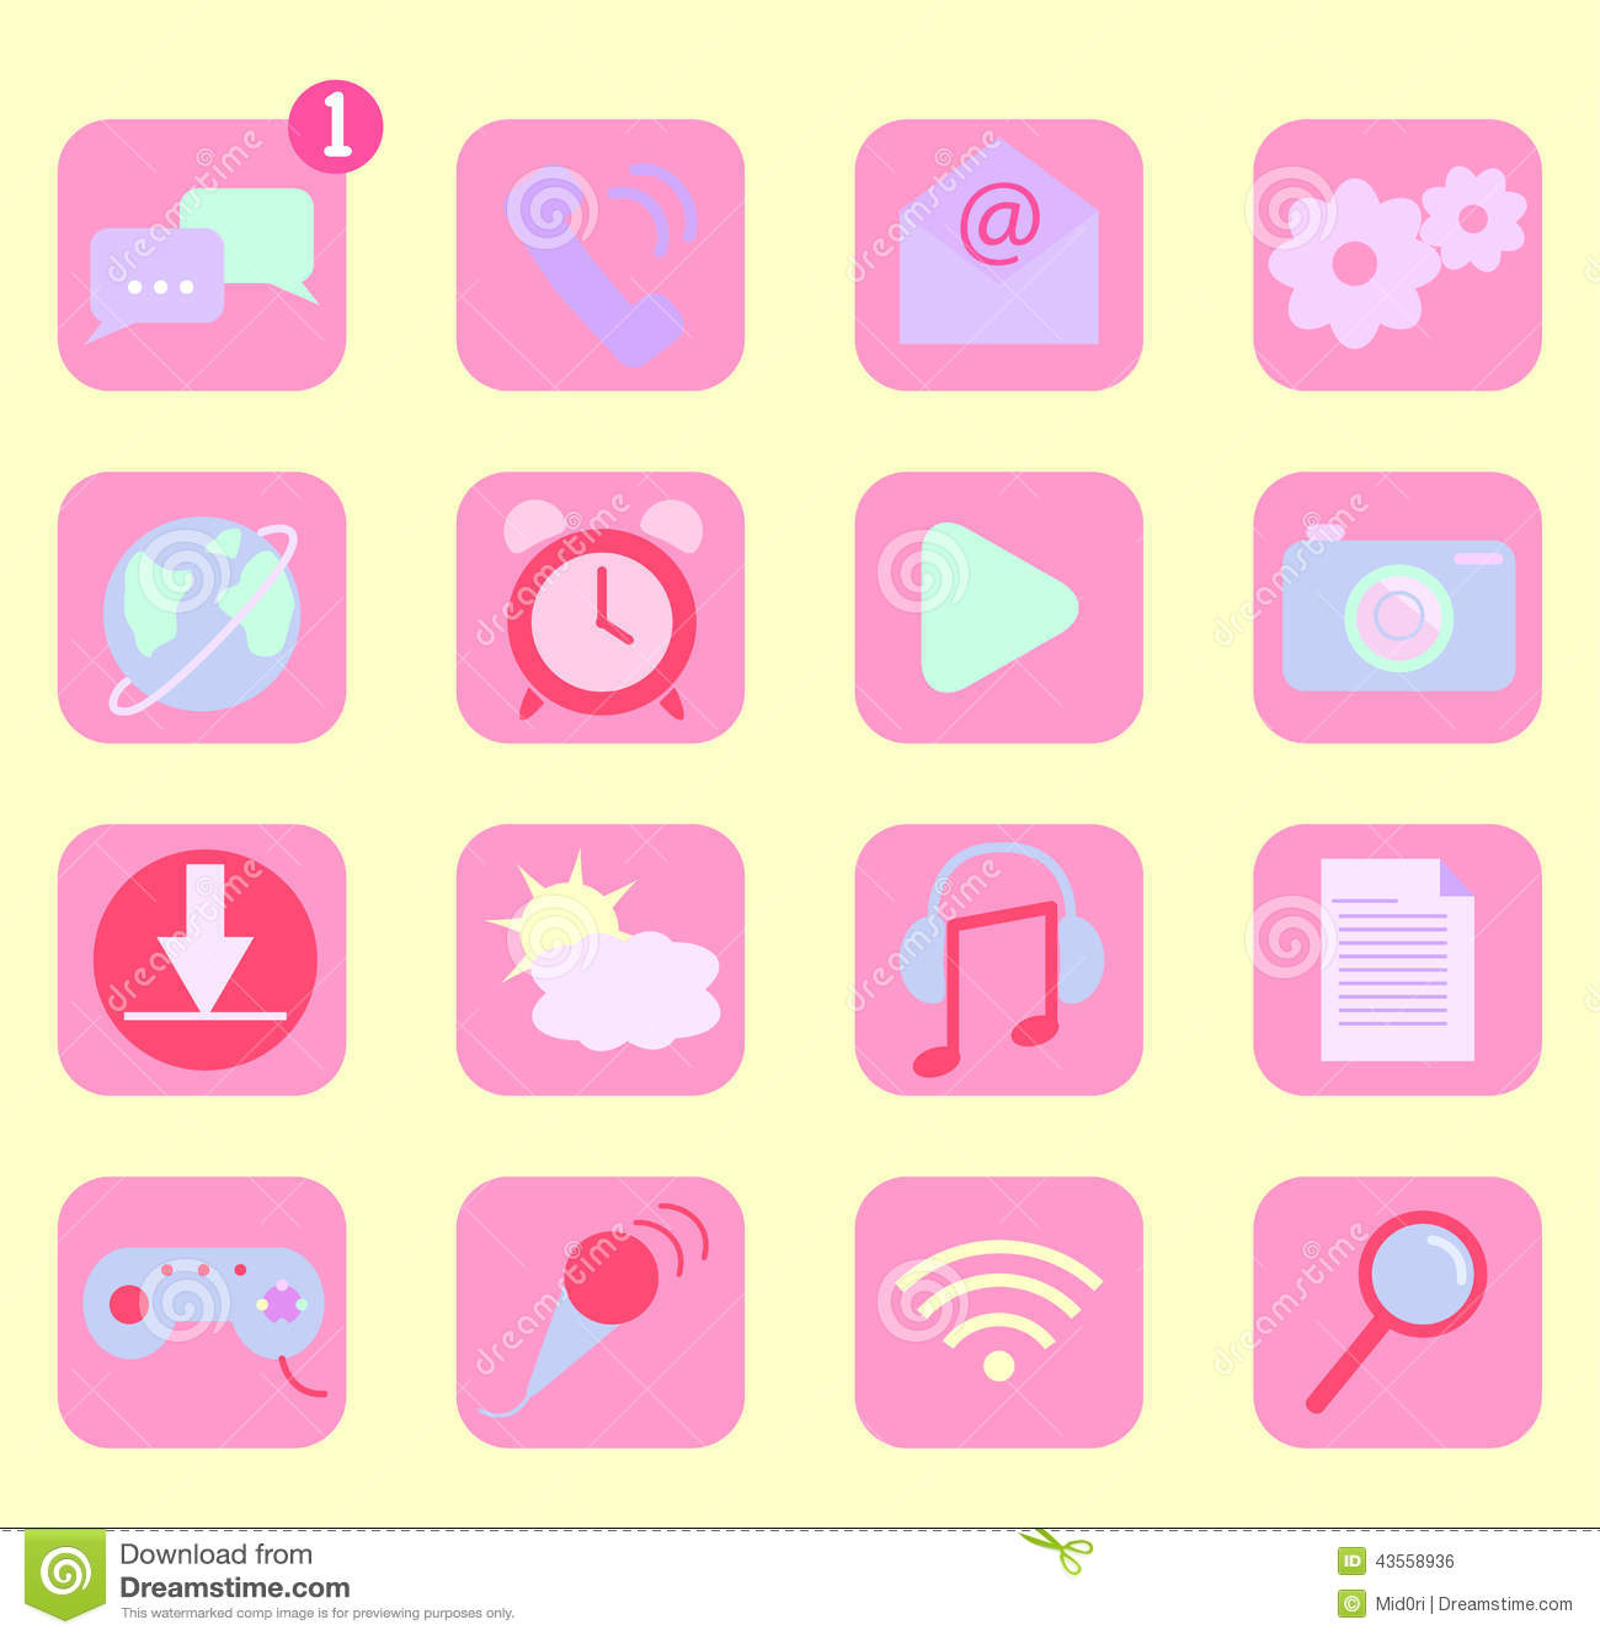 Handy-APP-Ikonen